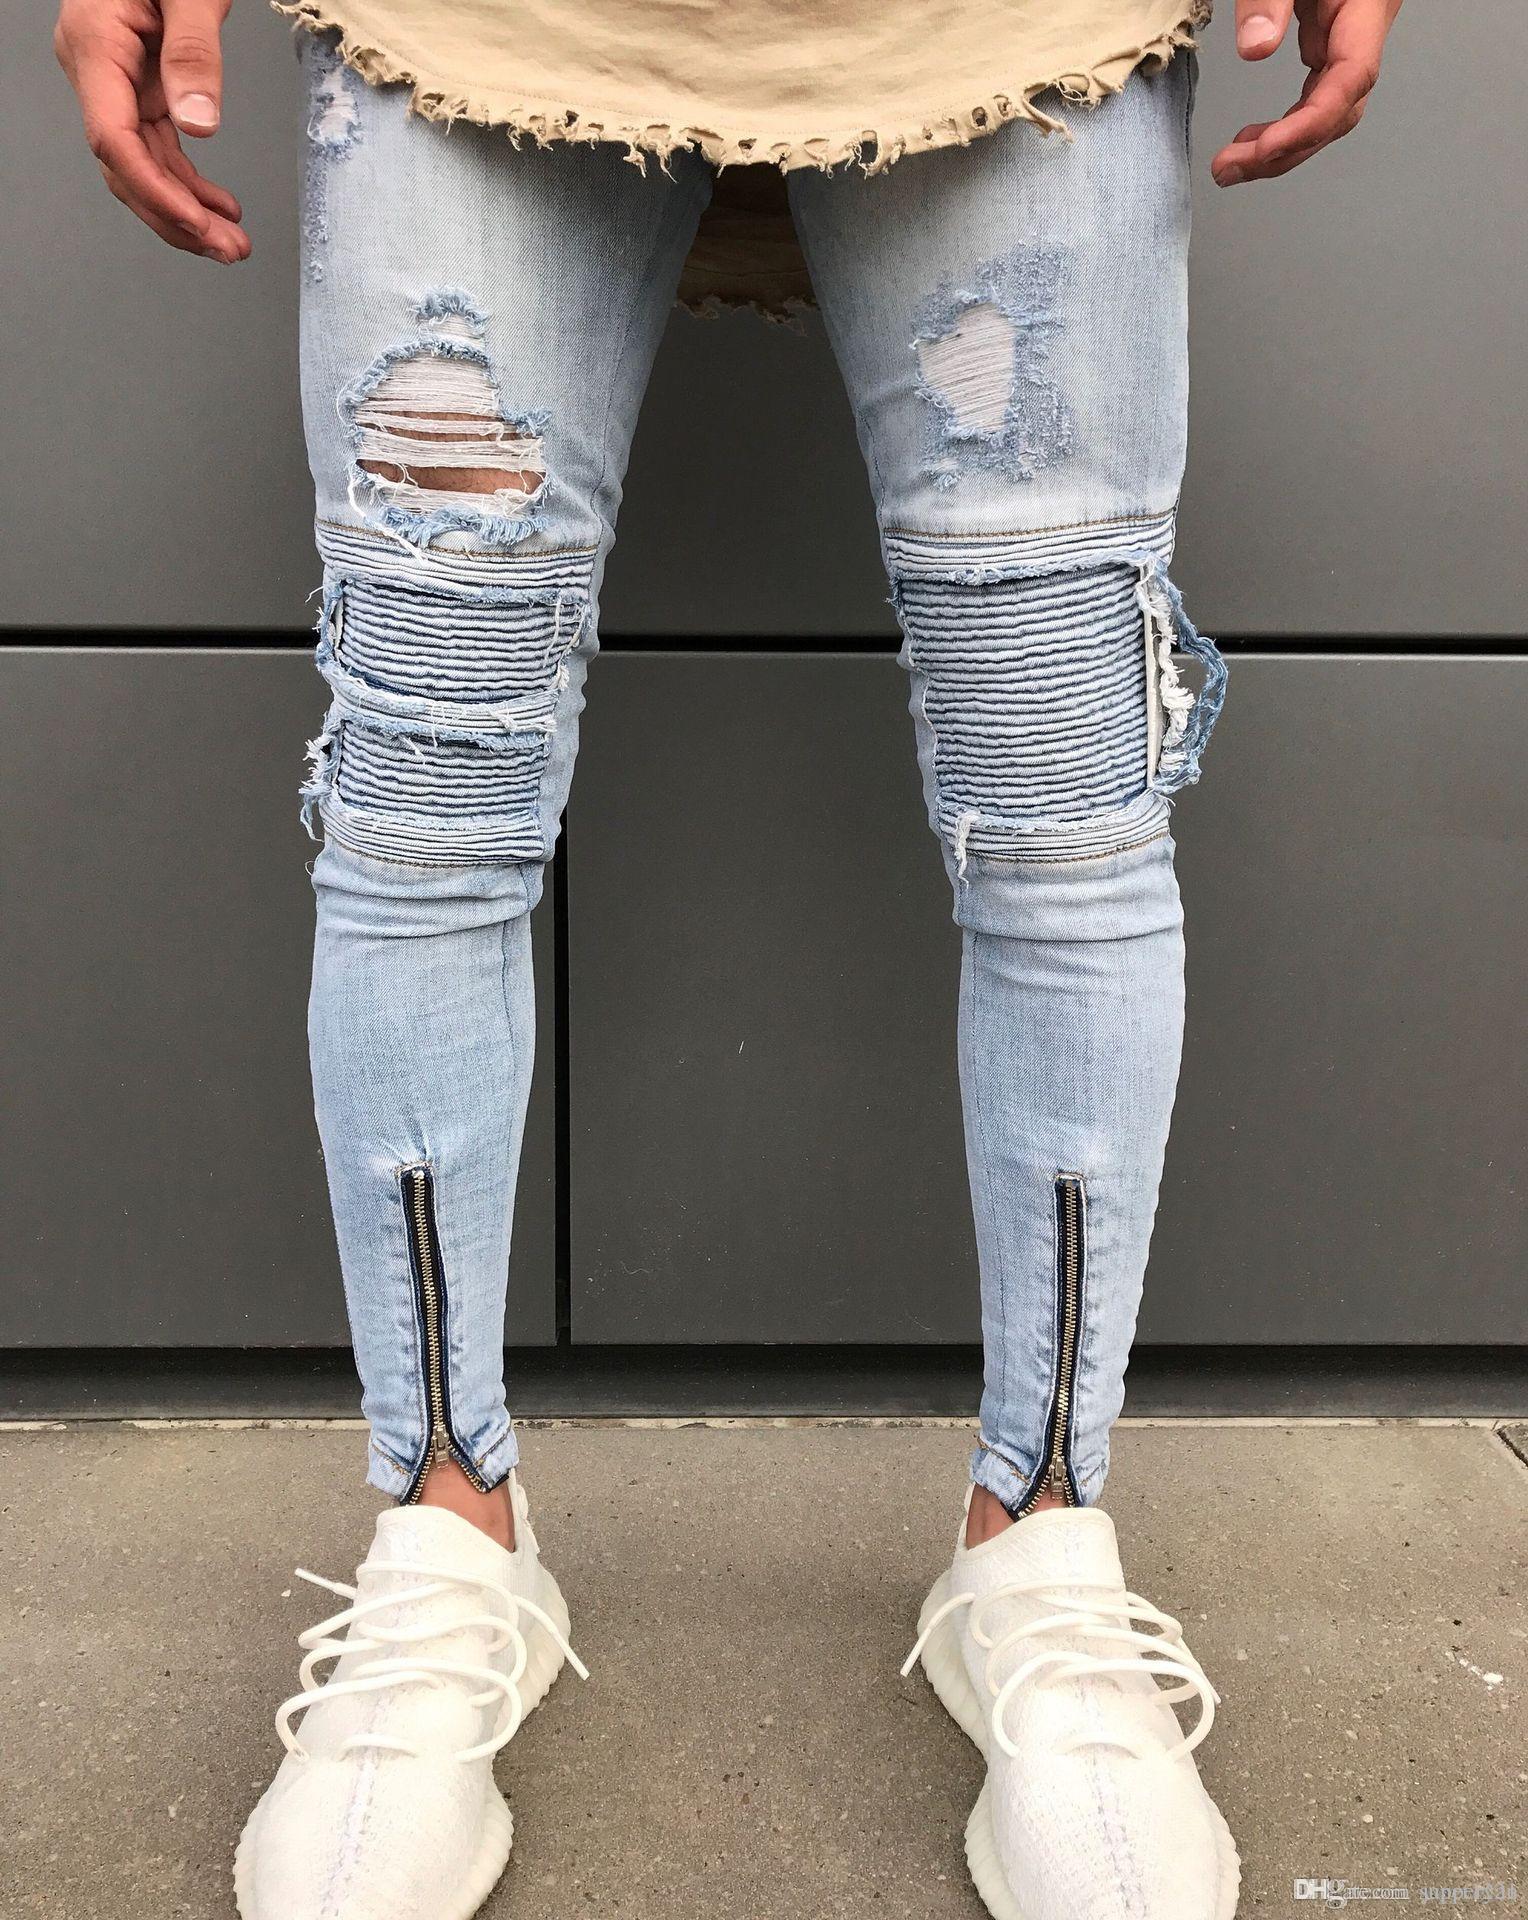 b844627e35 Compre Hip Hop Jeans Ajustados Para Hombres Pantalones De Mezclilla Hombres  Denim Denim Hombres Vintage Jeans Homme Retro Hombres De Alta Calidad Jeans  ...